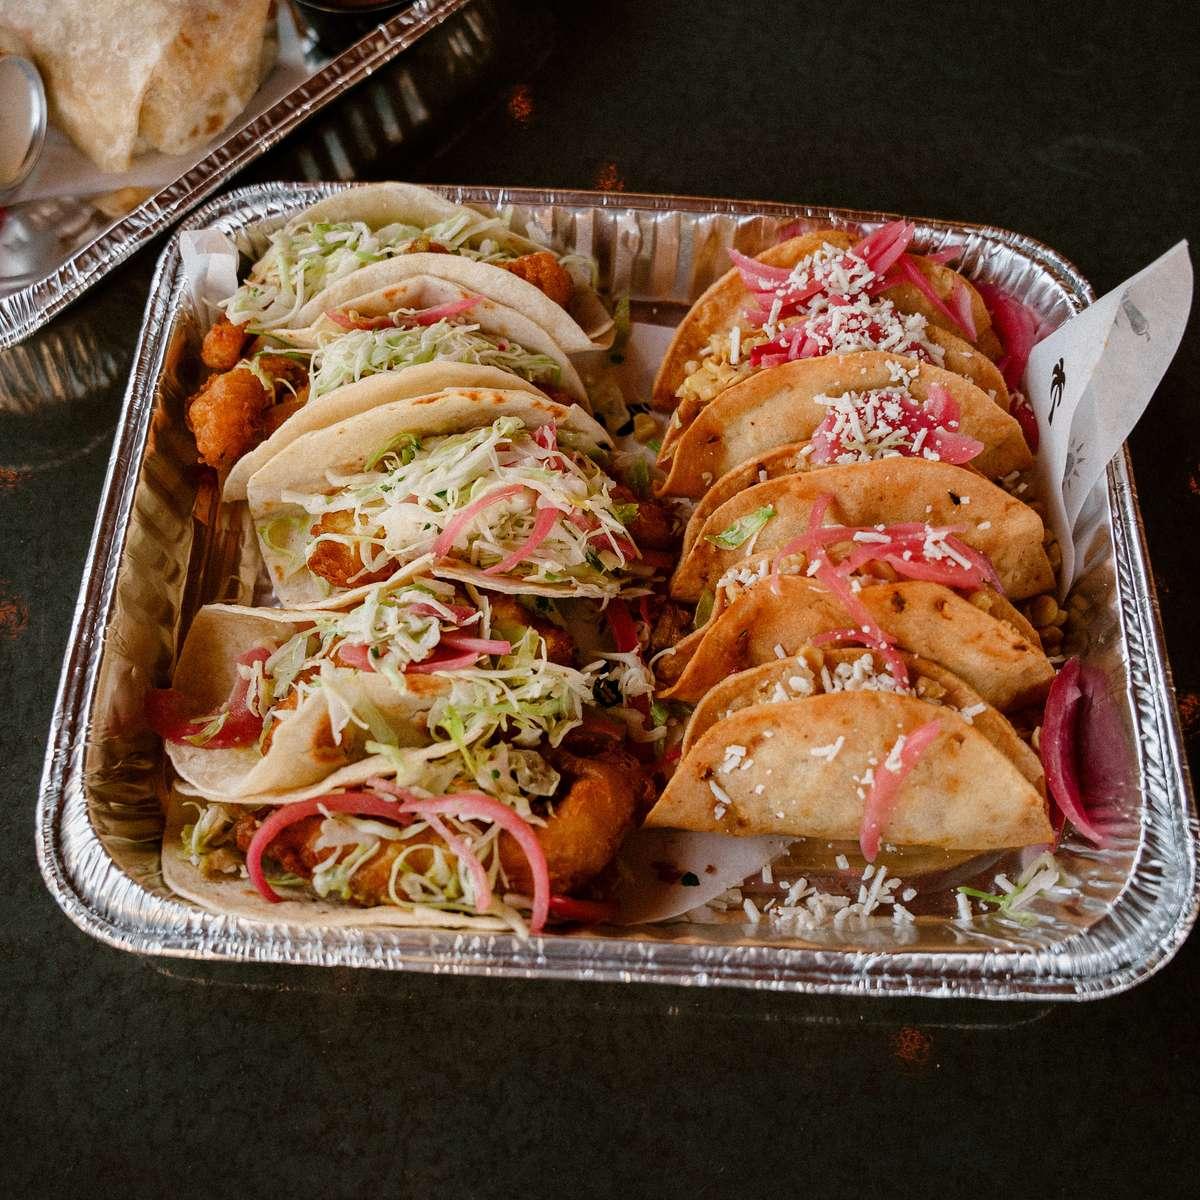 Ten Tacos + 2 Jarritos Sodas